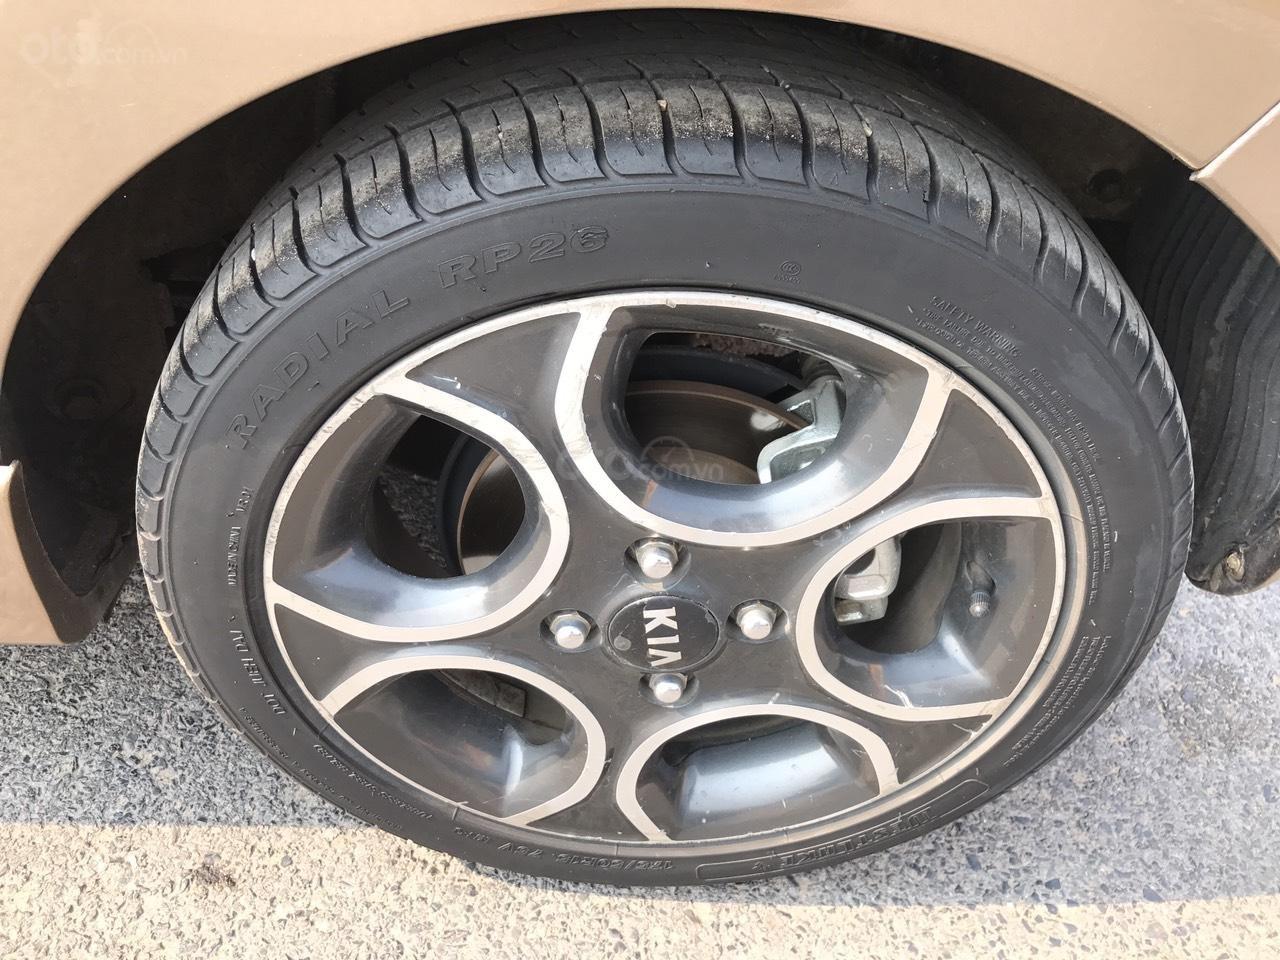 Bán ô tô Kia Morning Sport đời 2011, màu nâu, nhập khẩu, bản full 8 túi khí, đề nồ start, xe tuyển (21)